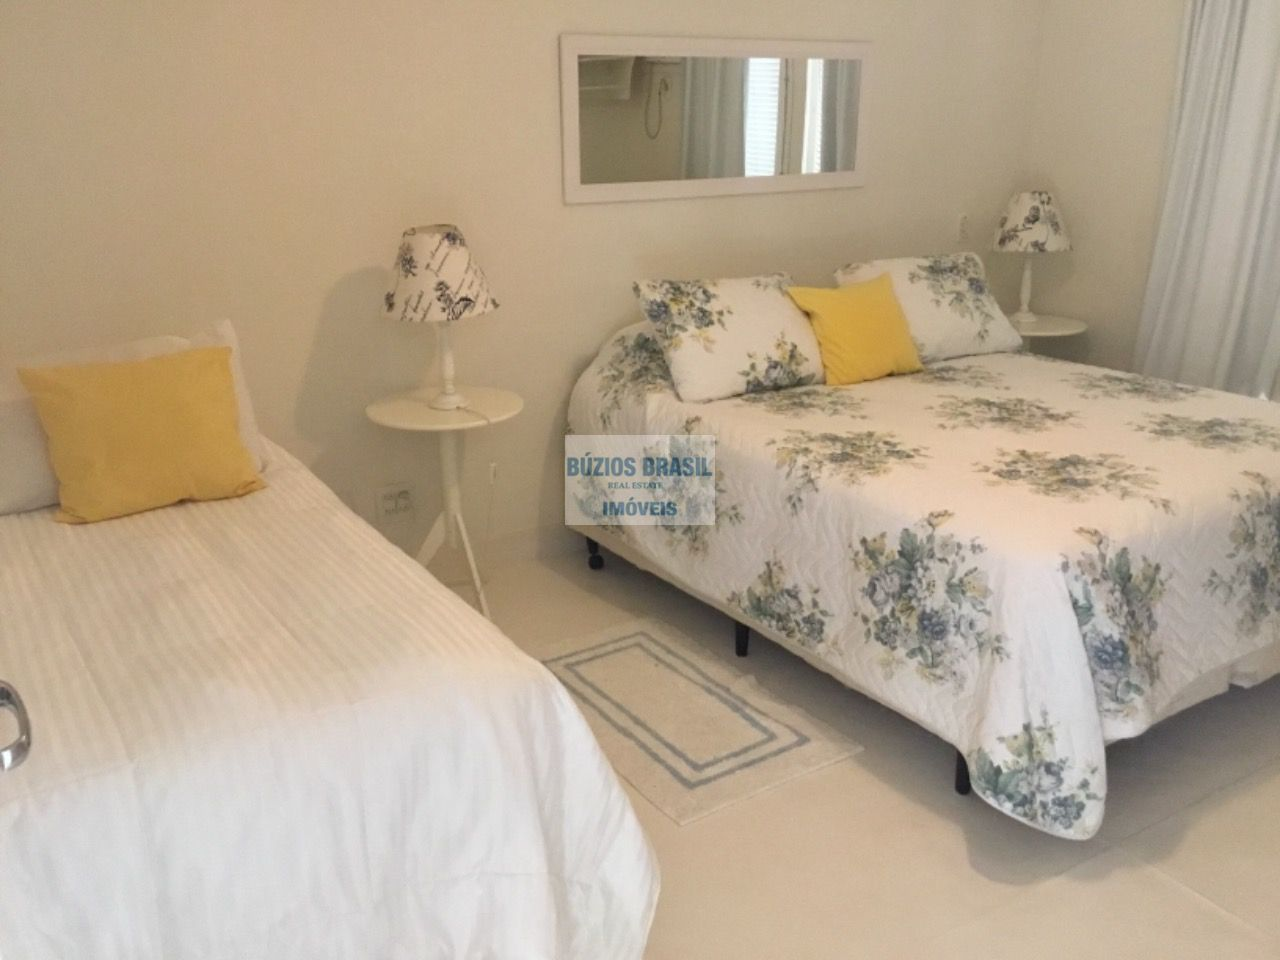 Casa 7 quartos para alugar Ferradura, Ferradura 70m Praia,Armação dos Búzios - LTFR1 - 22